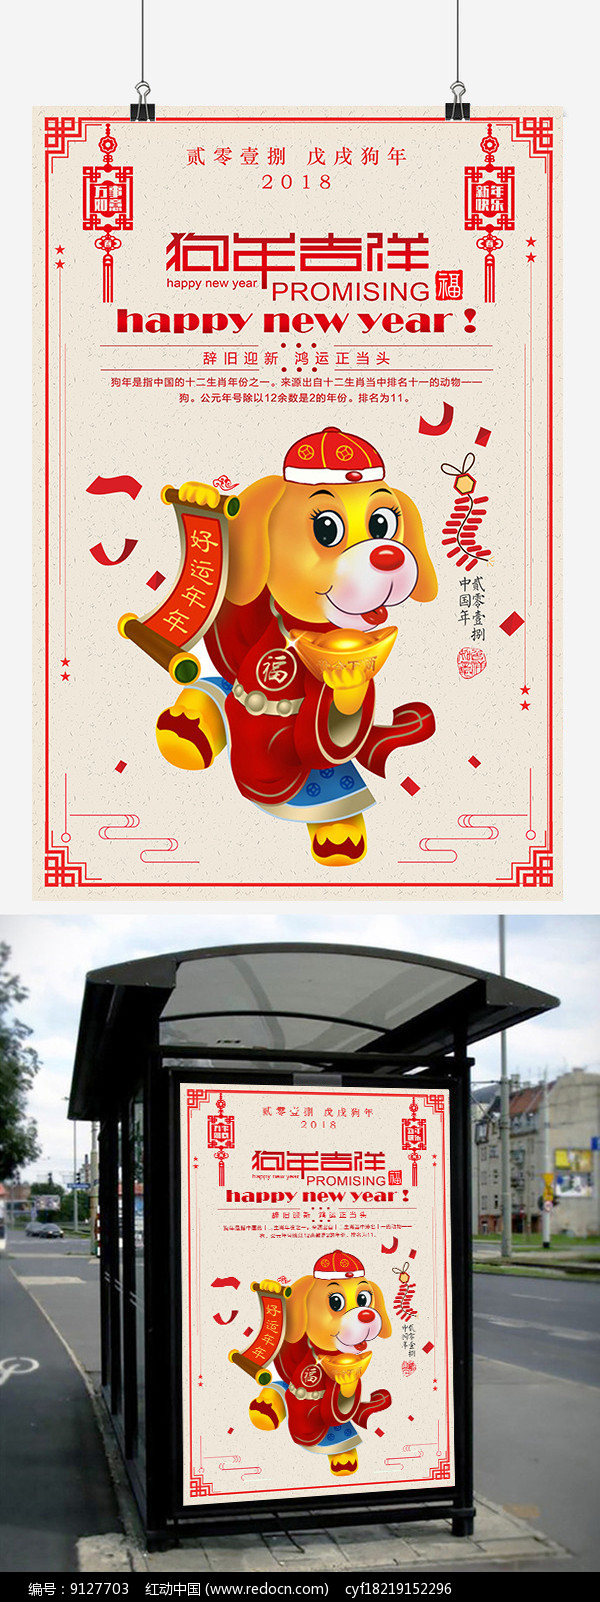 2018狗年吉祥物海报设计图片